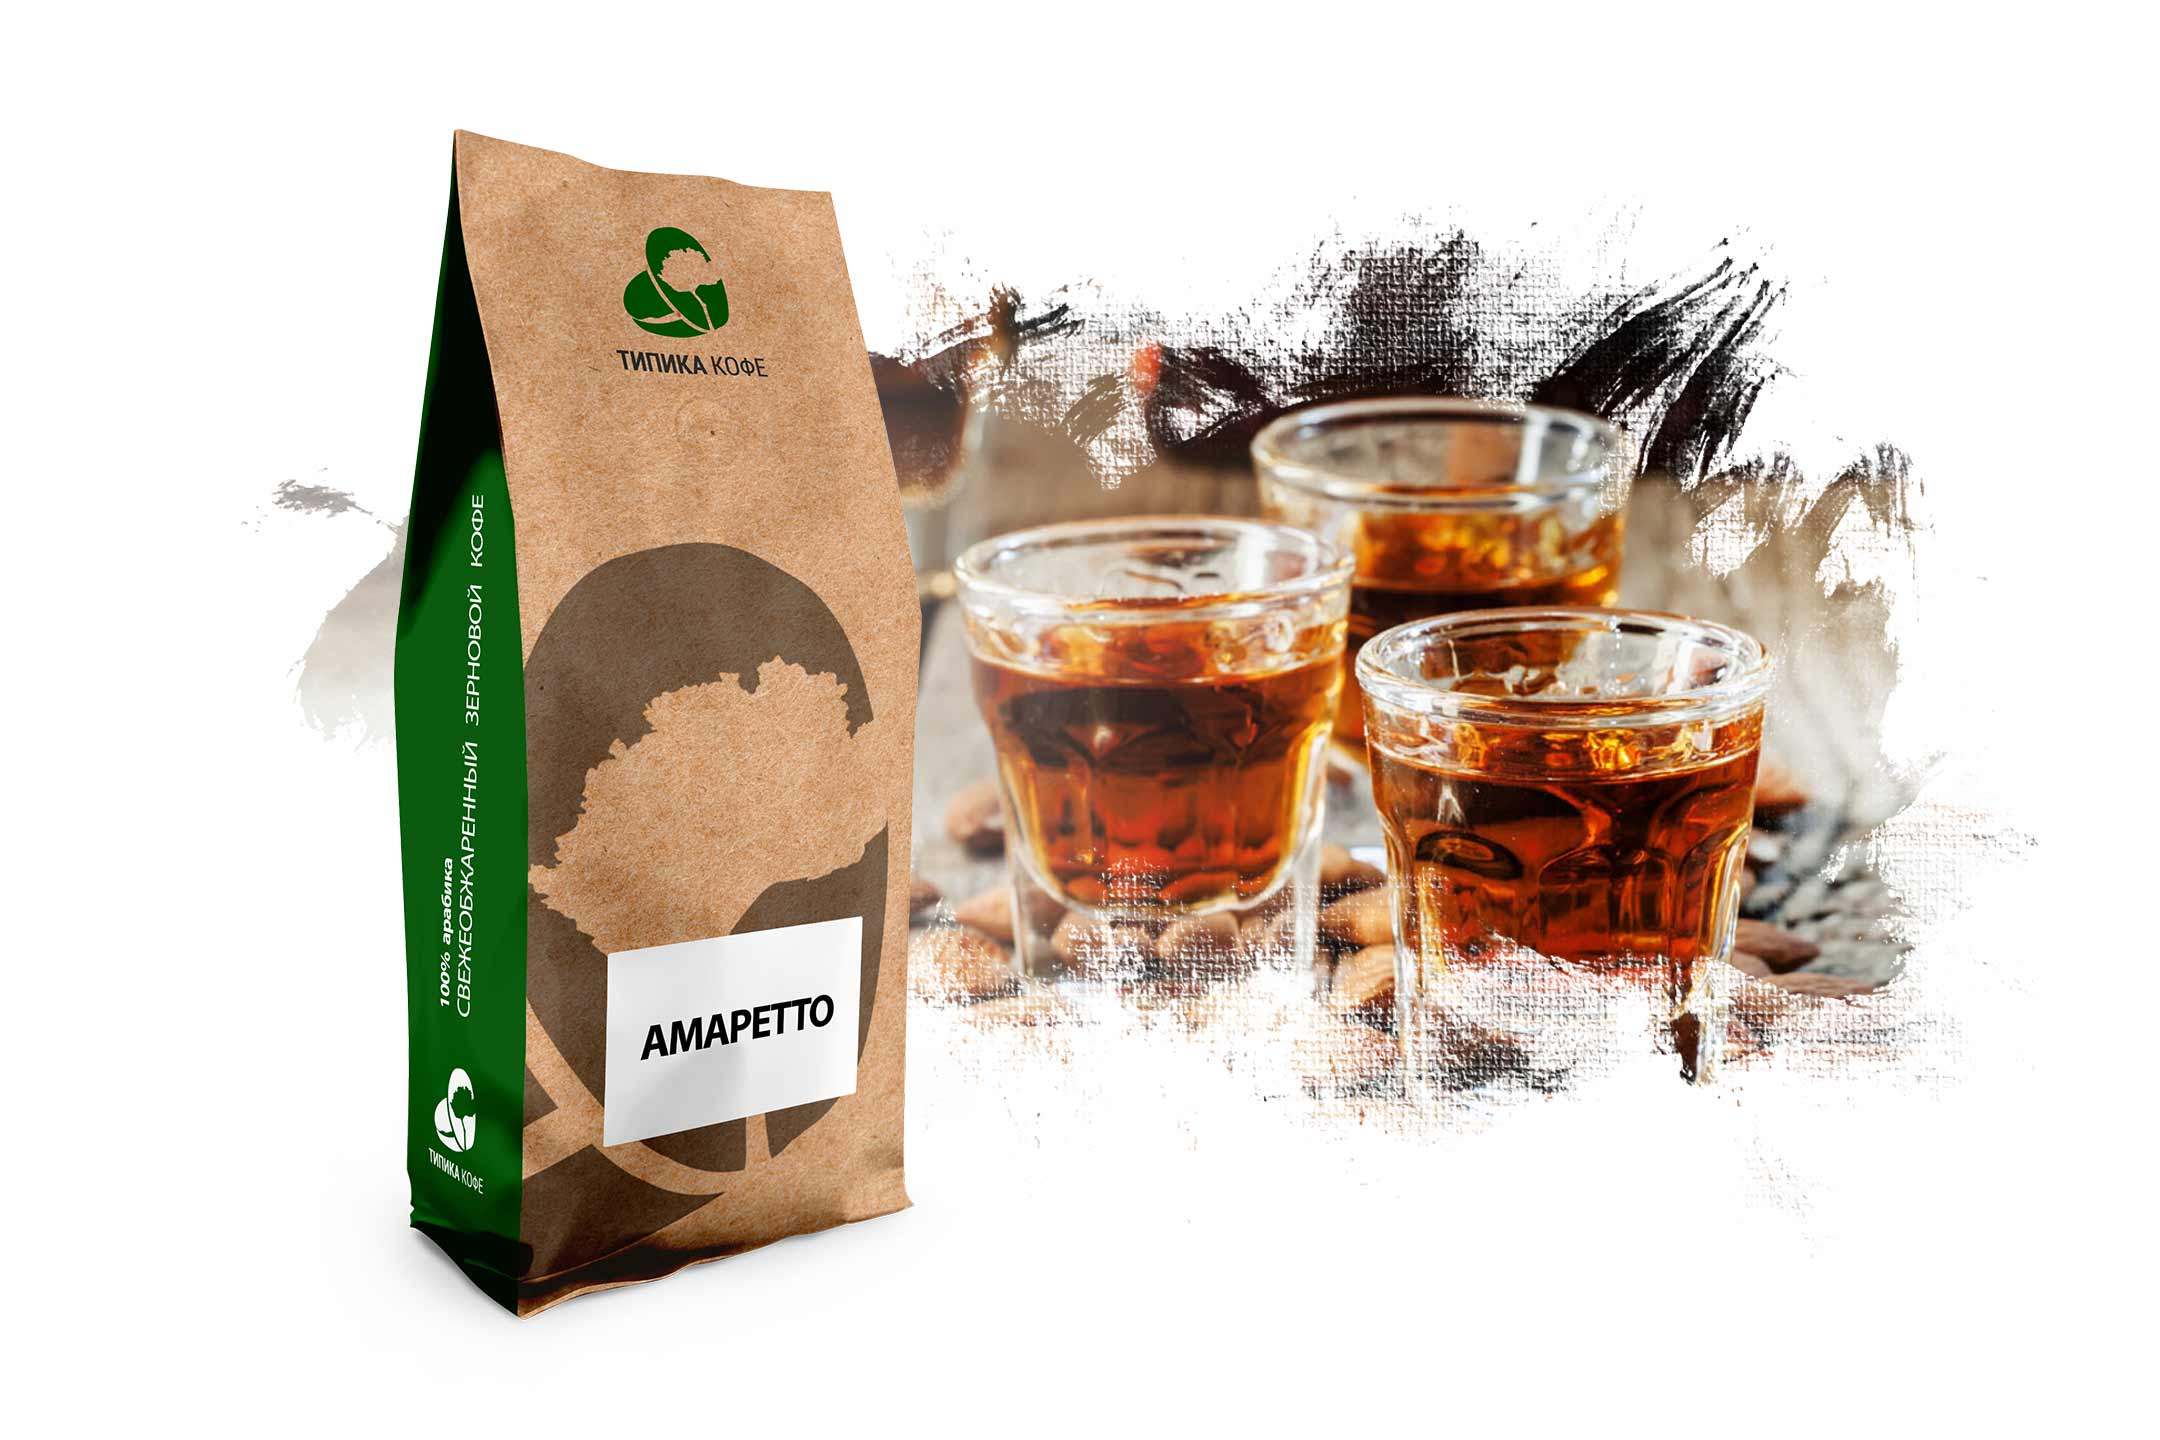 Кофе с амаретто - миндальная изысканность